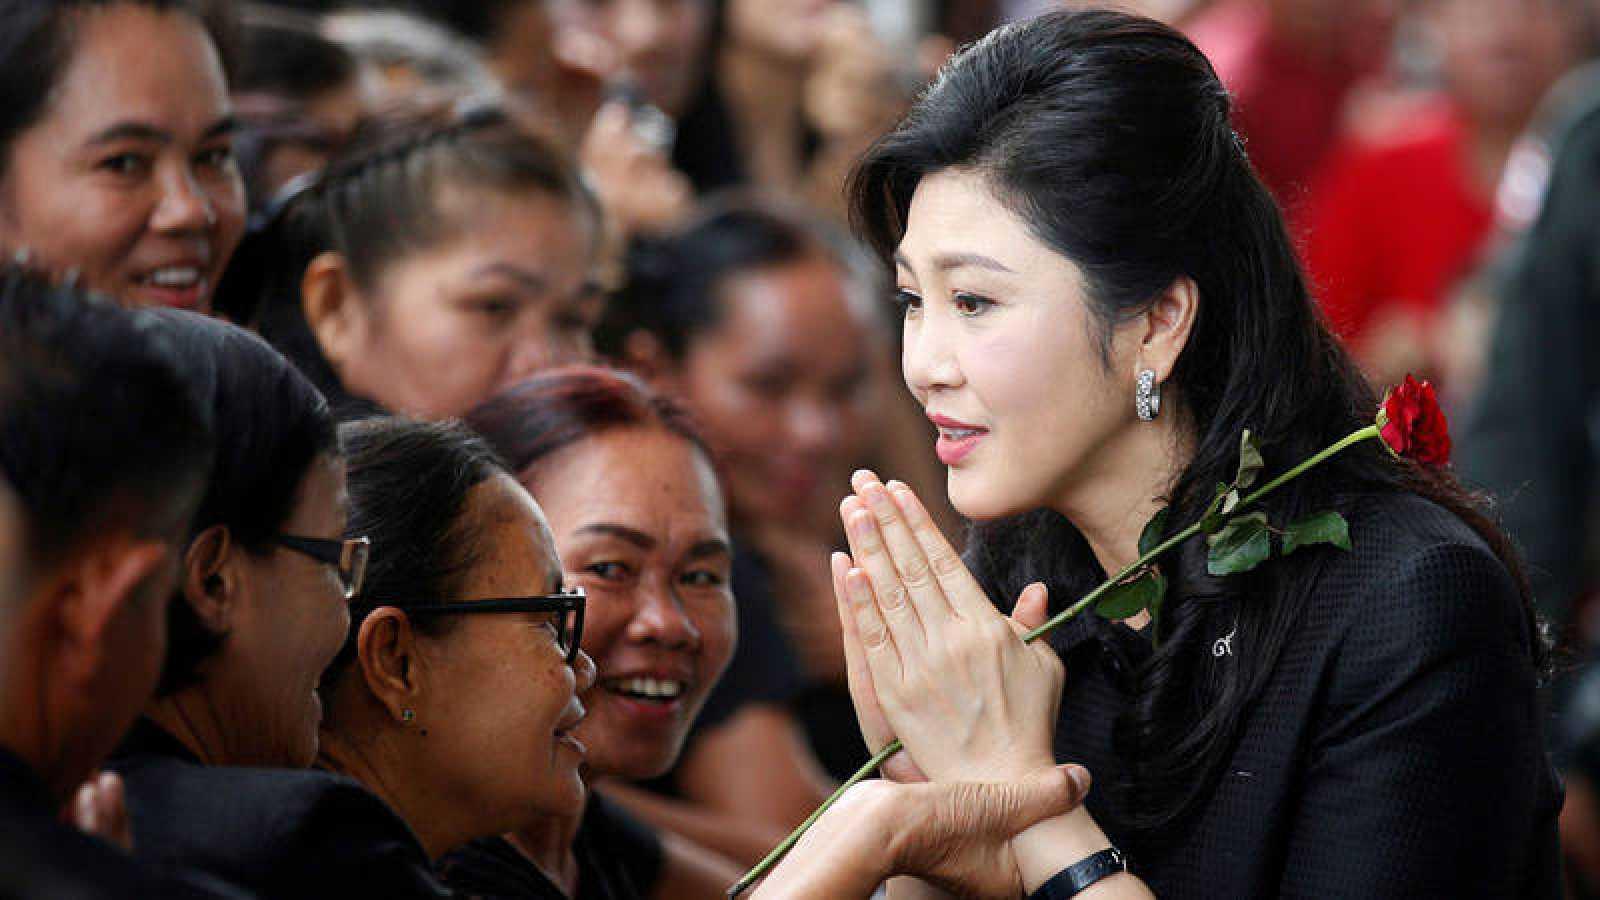 La exprimera ministra tailandesa Yingluck Shiwanatra, condenada a 5 años de prisión